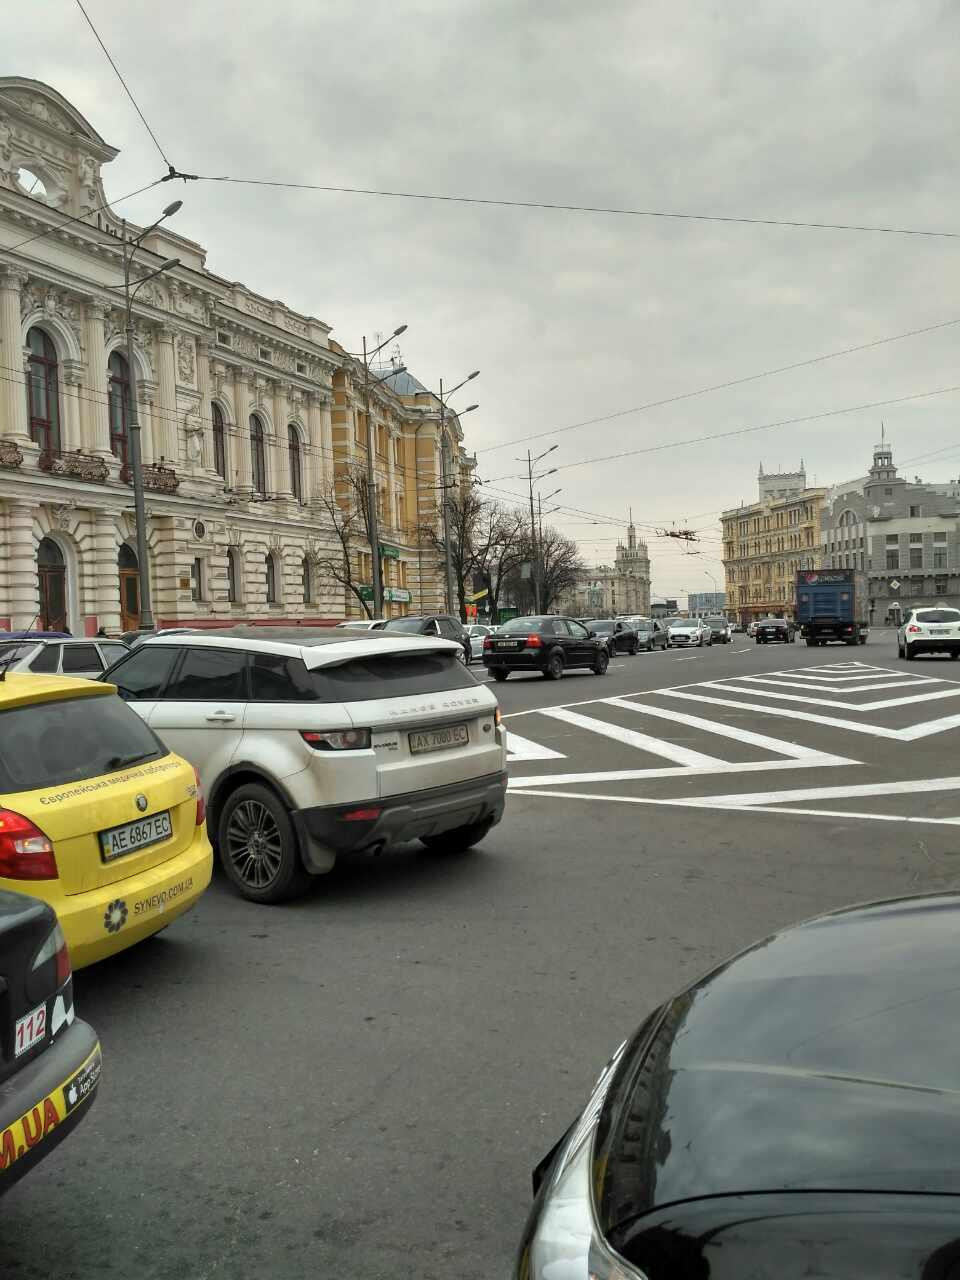 Транспортный коллапс в центре Харькова. Правоохранители перекрыли улицы (фото)